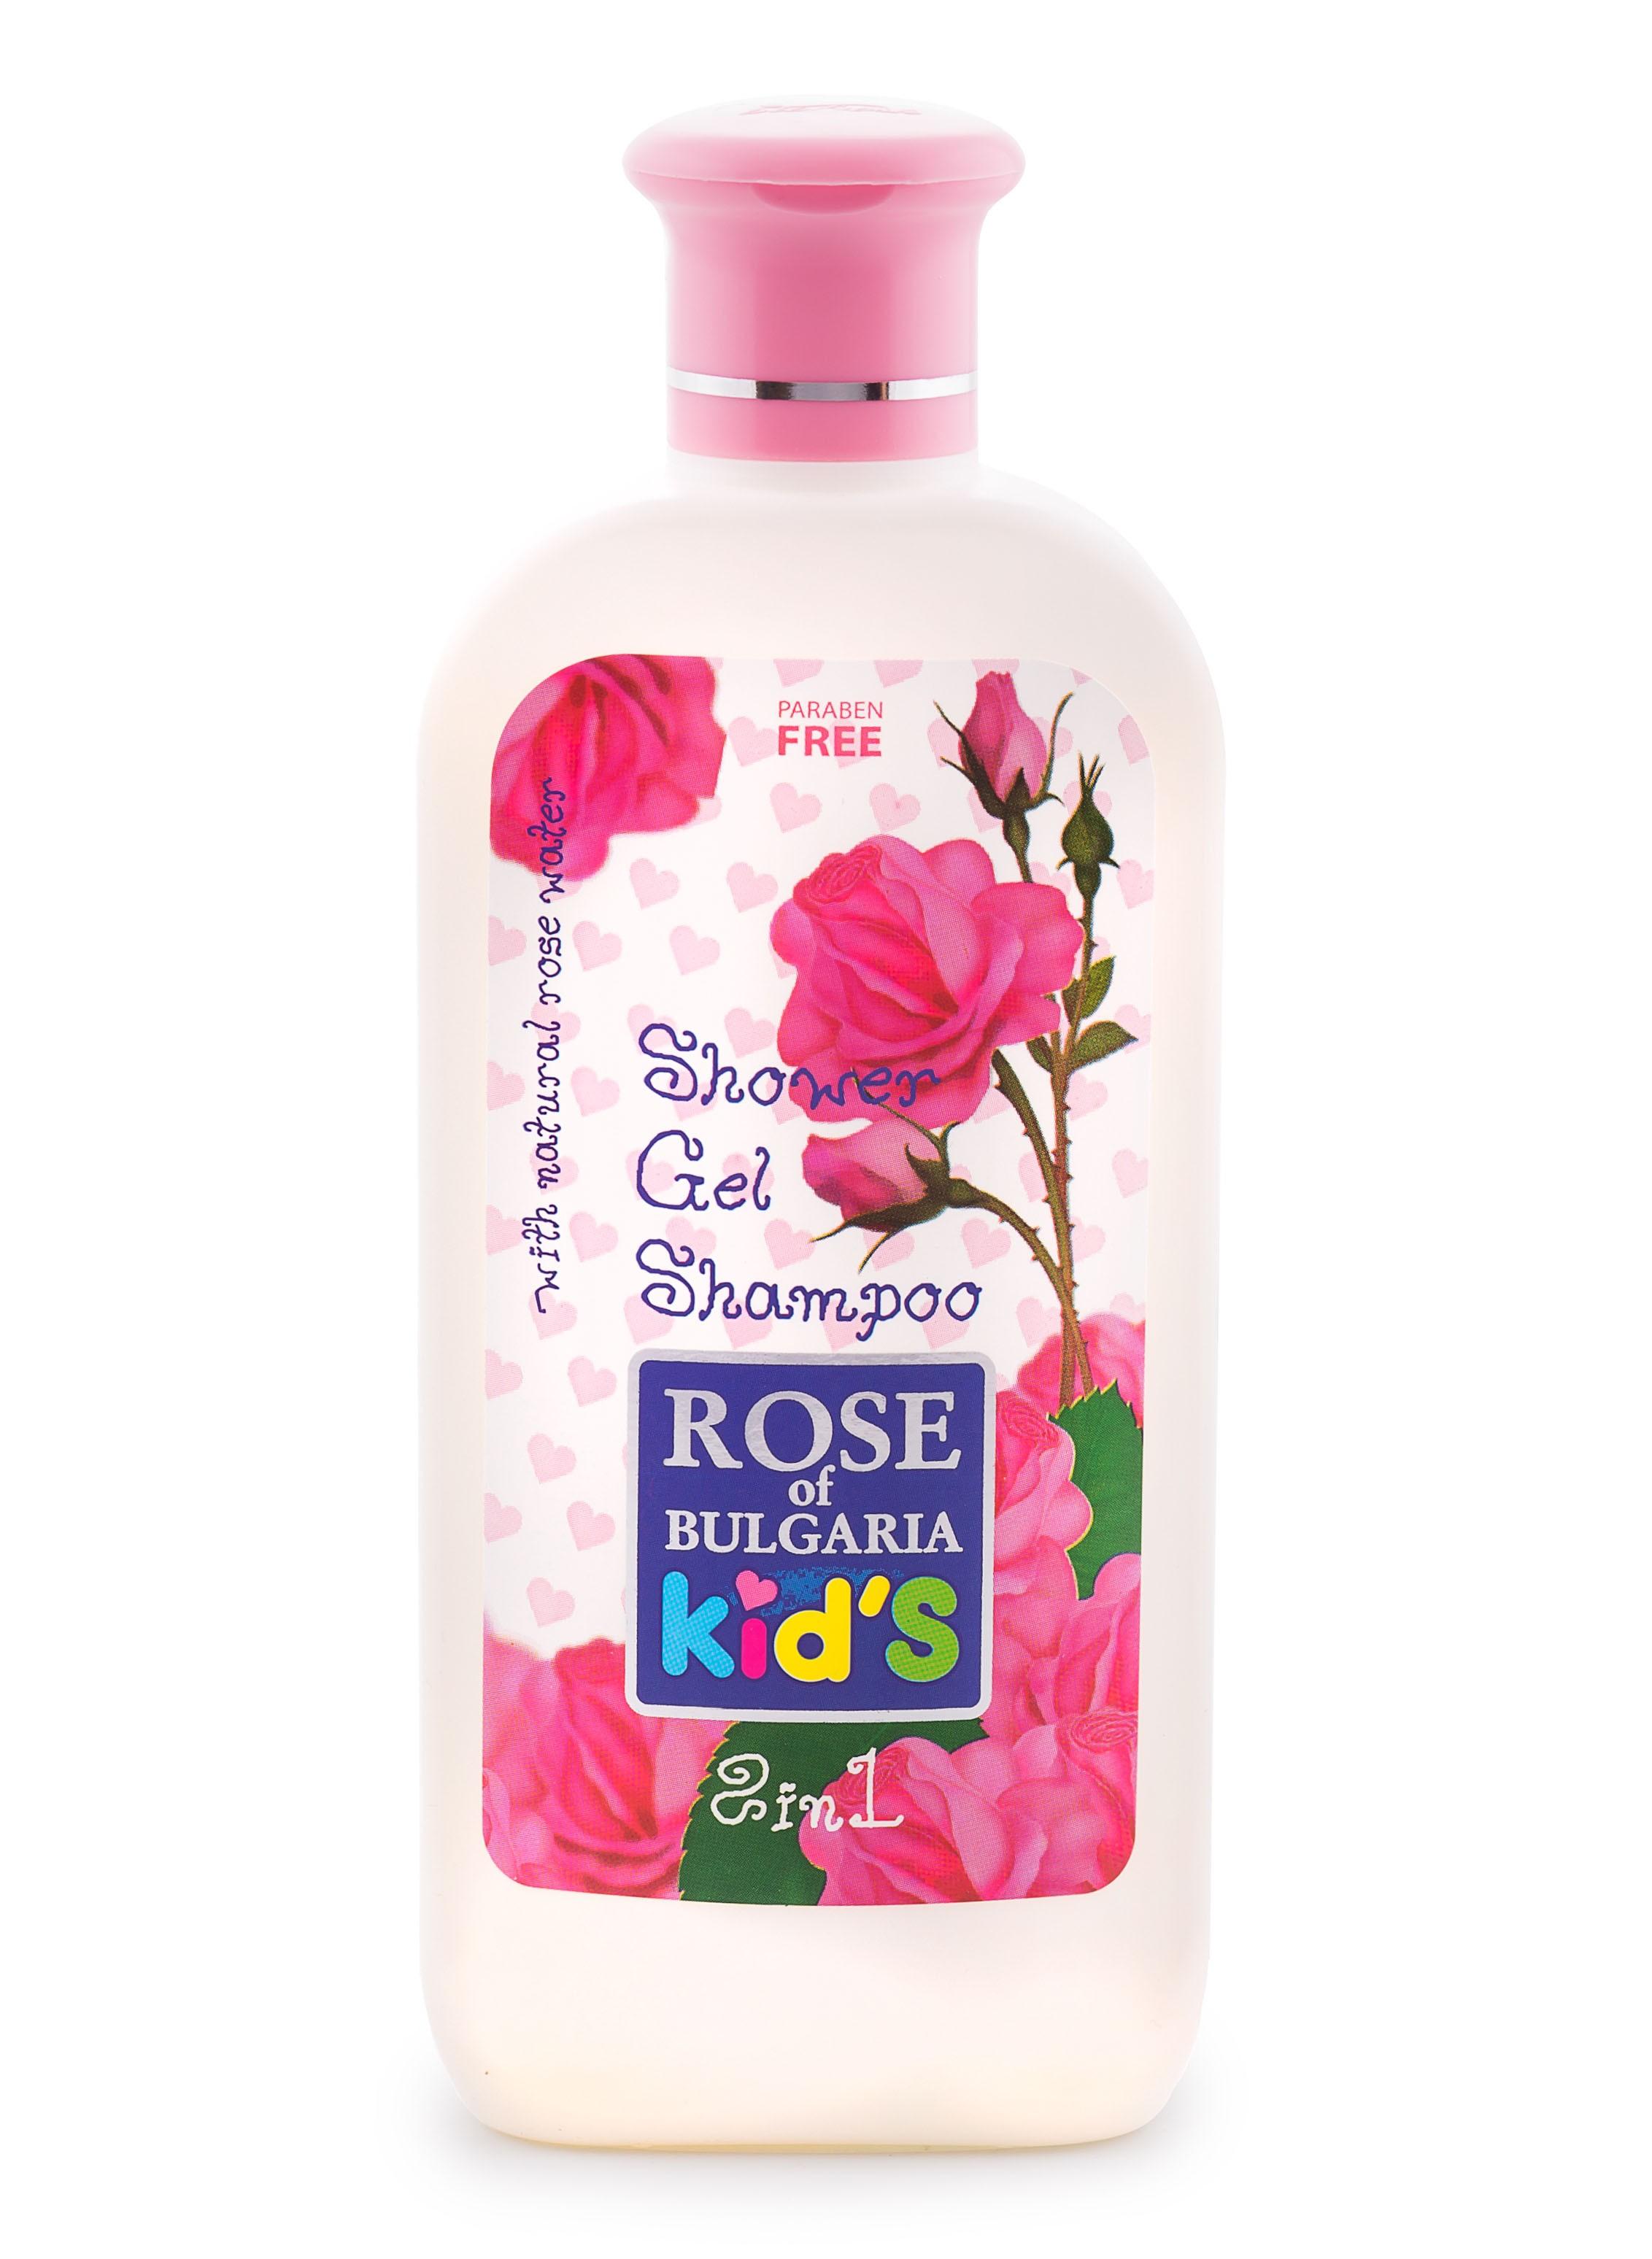 BioFresh dětský sprchový gel a šampon 2v1 s růžovou vodou 200 ml (Sprchový gel a šampon v jednom speciálně navrhnut pro jemnou dětskou pokožku.)